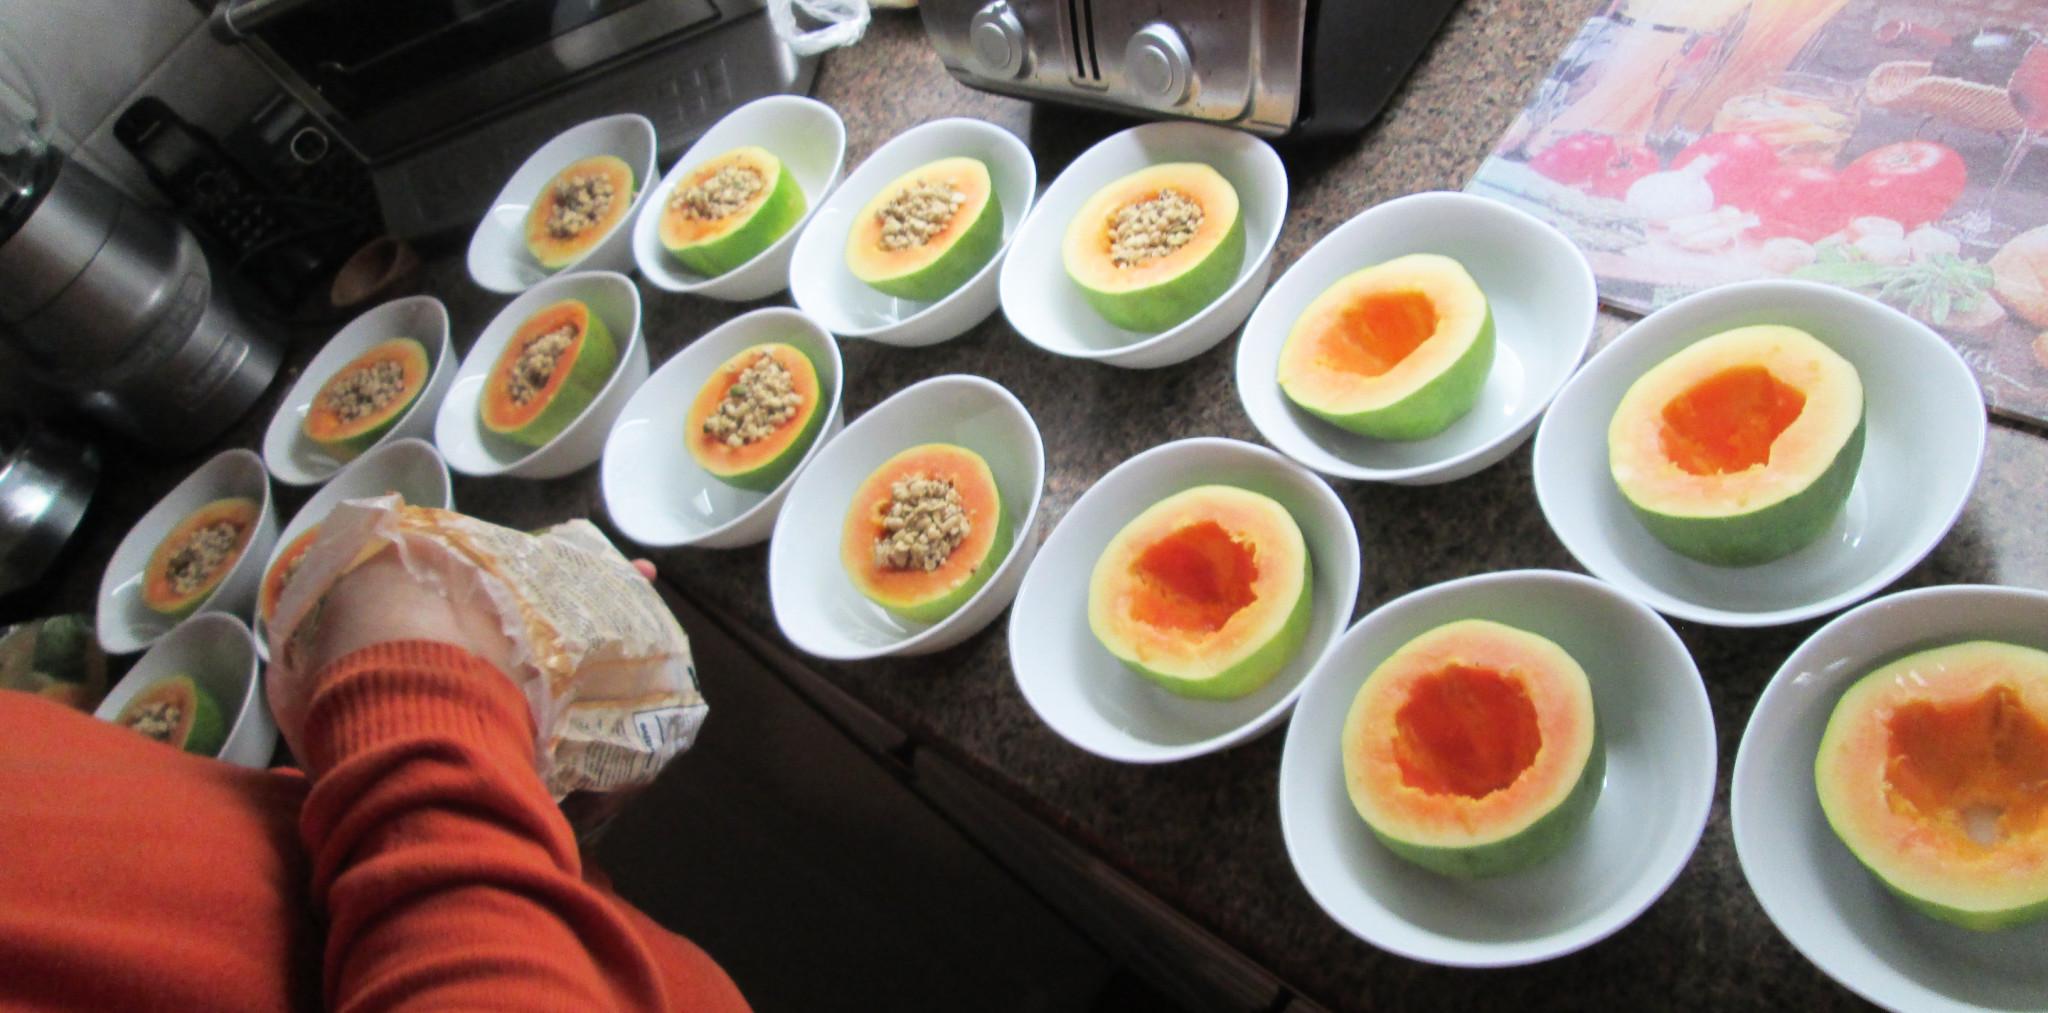 Andre making the Papaya Bowls